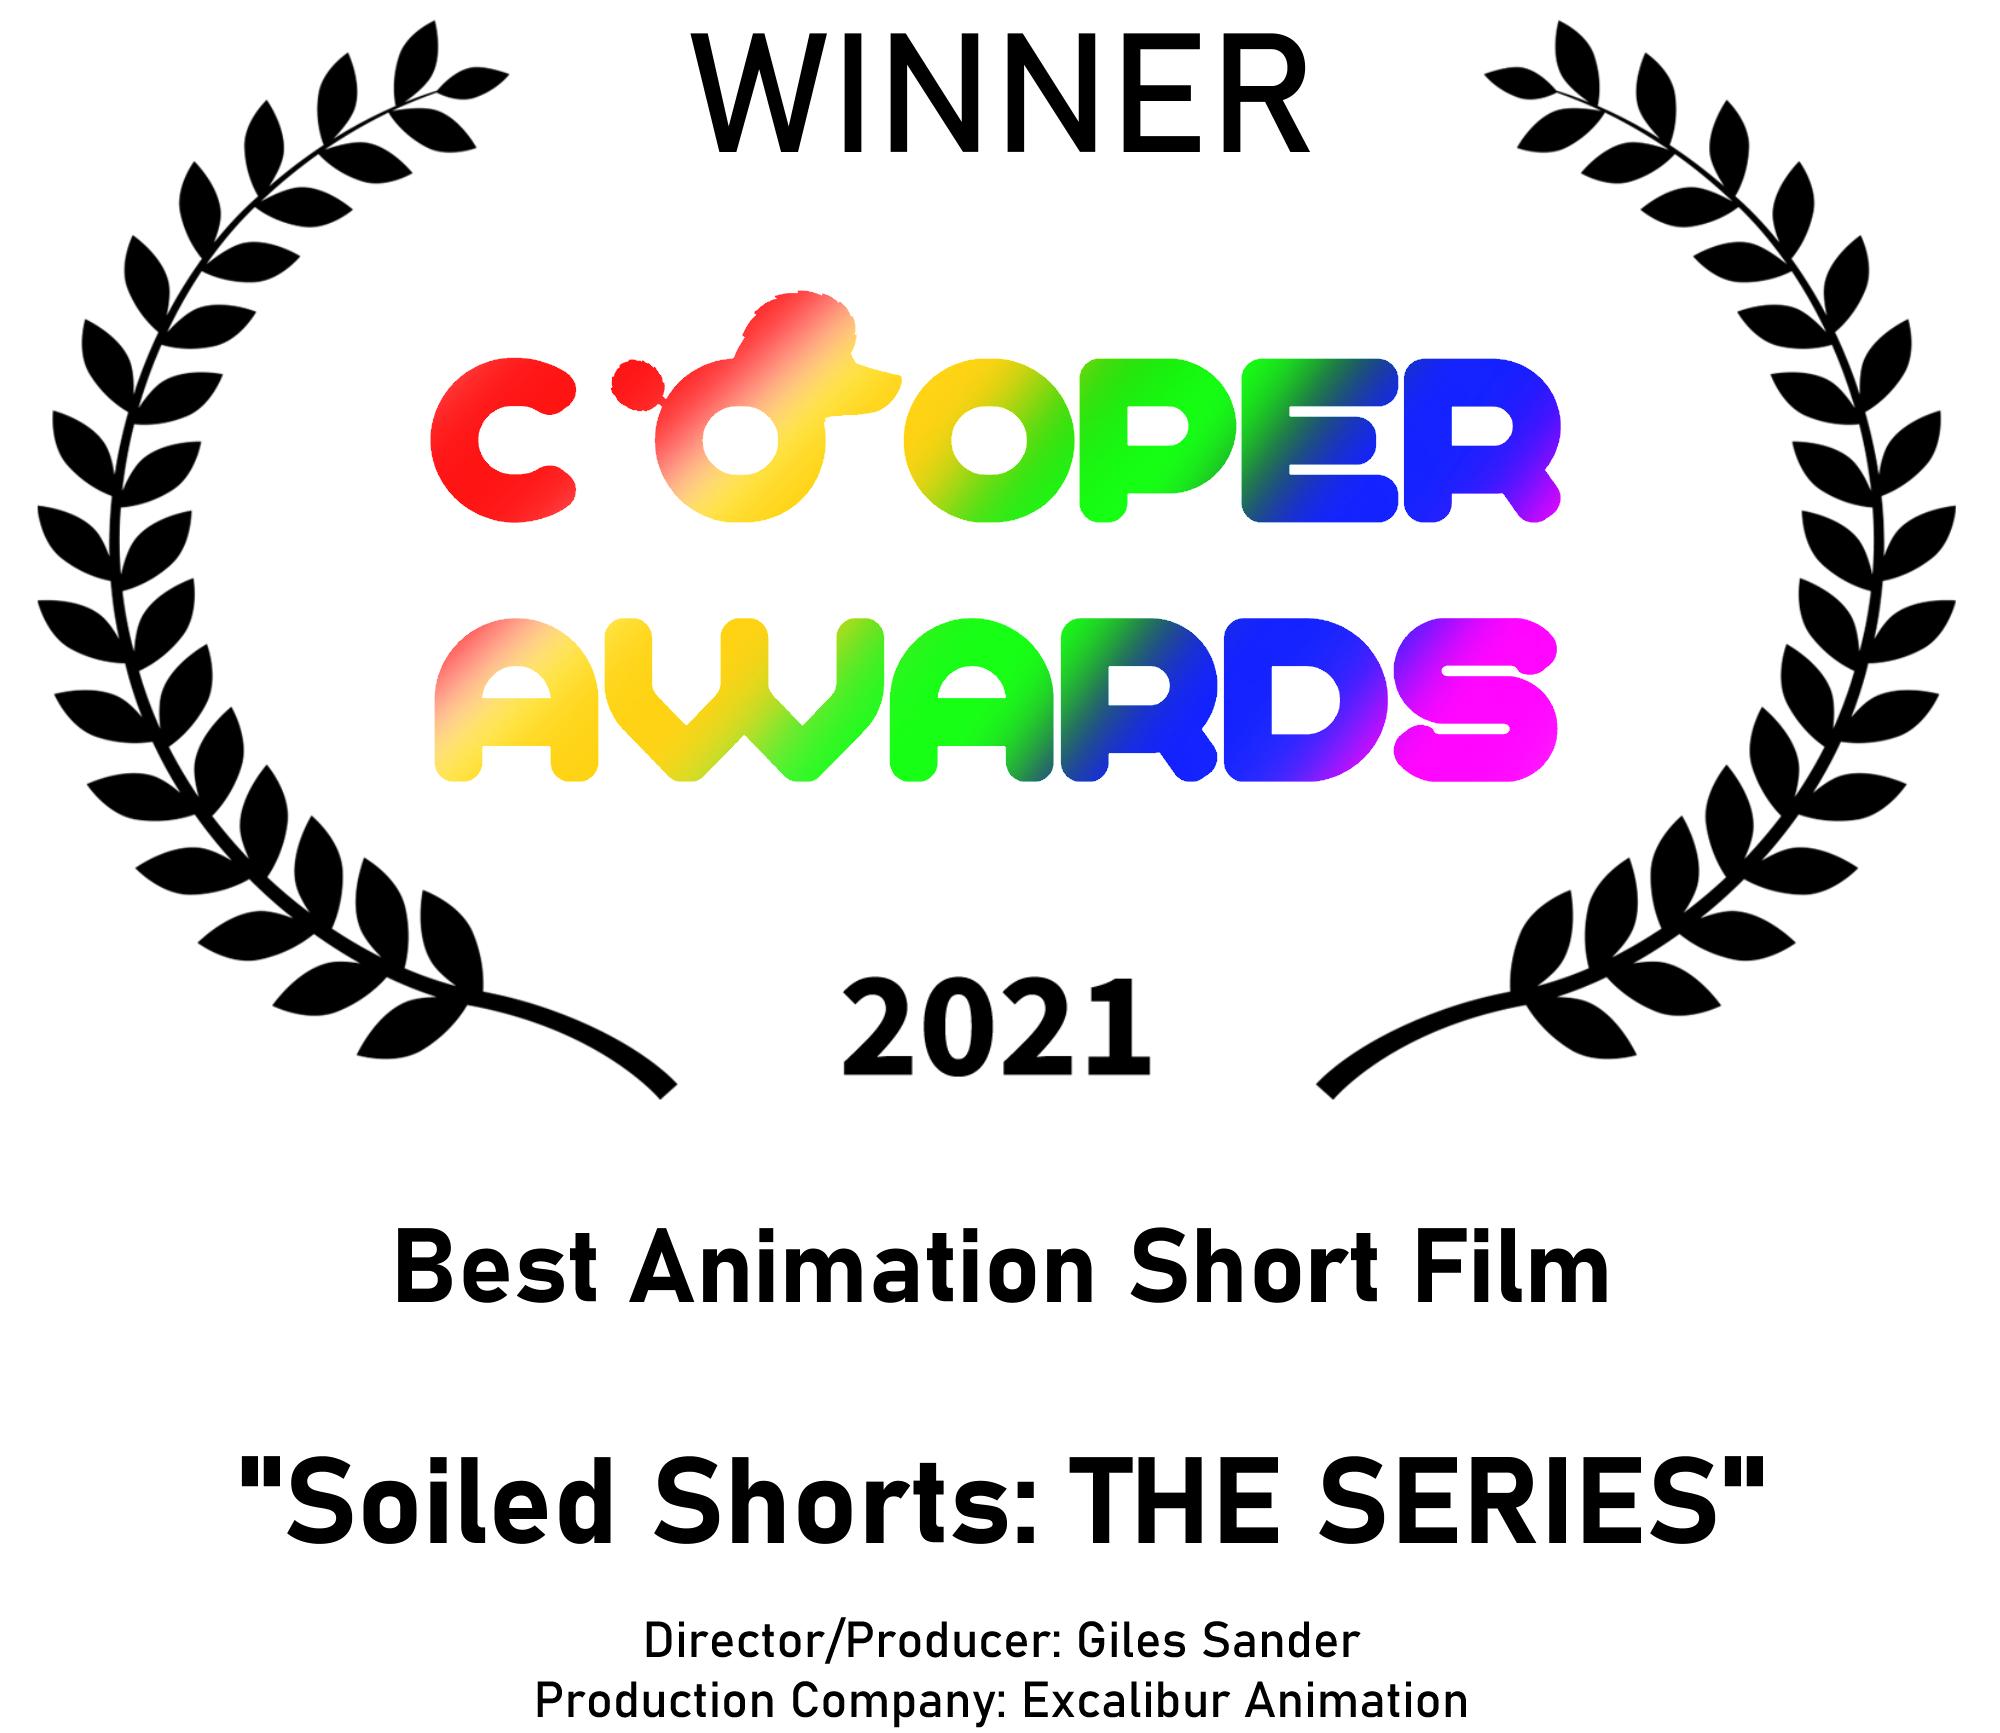 Winner for Best Animated Short Film - Cooper Awards 2021